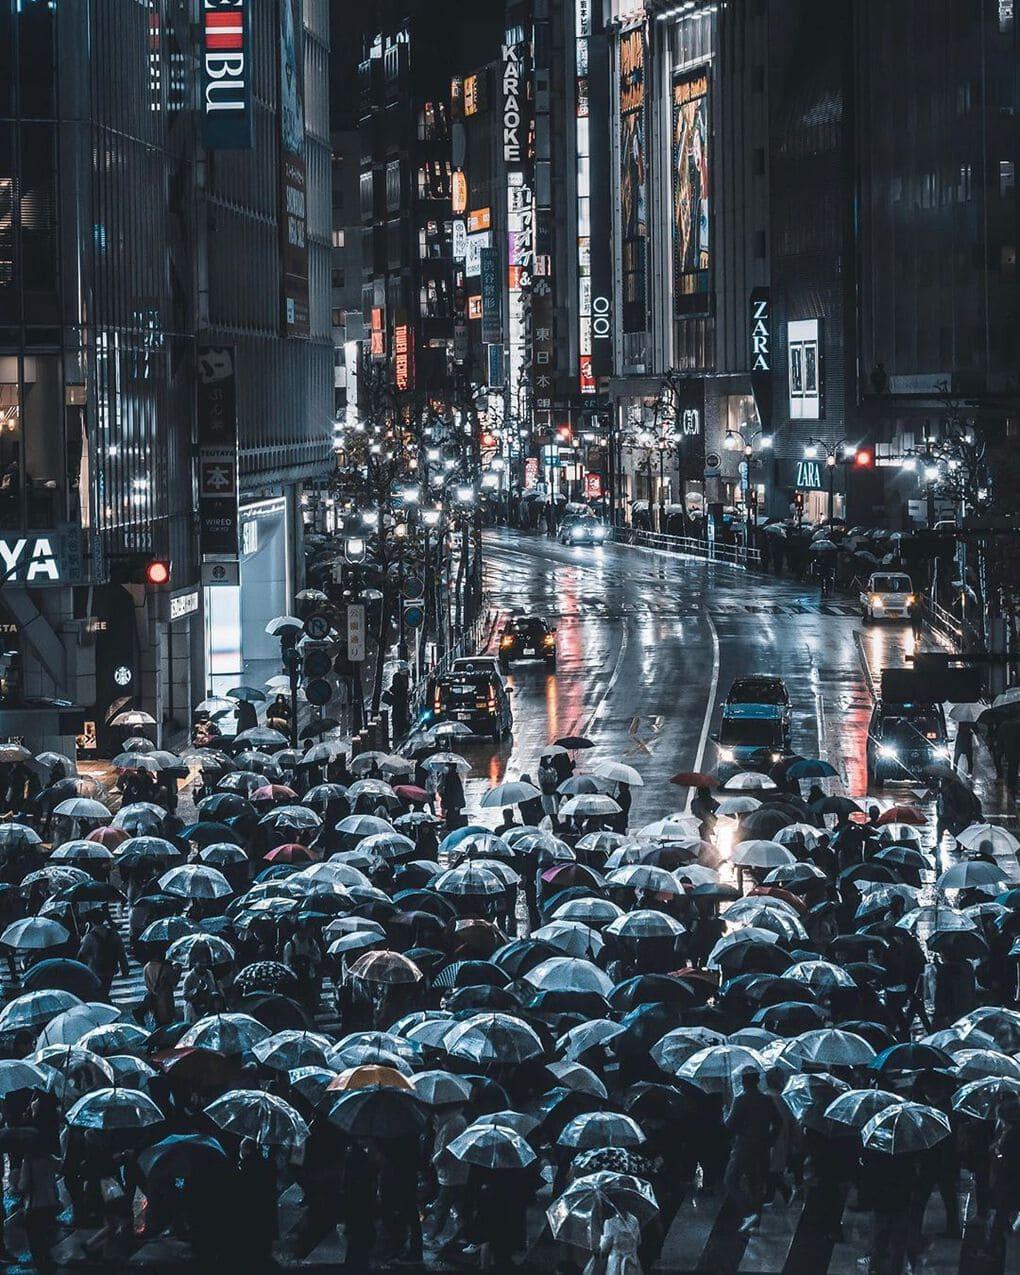 jungraphy 59831694 322175288475470 9192909381473244099 n - 25 работ фотографа из Токио, которые погрузят вас в магическую атмосферу ночных японских улиц